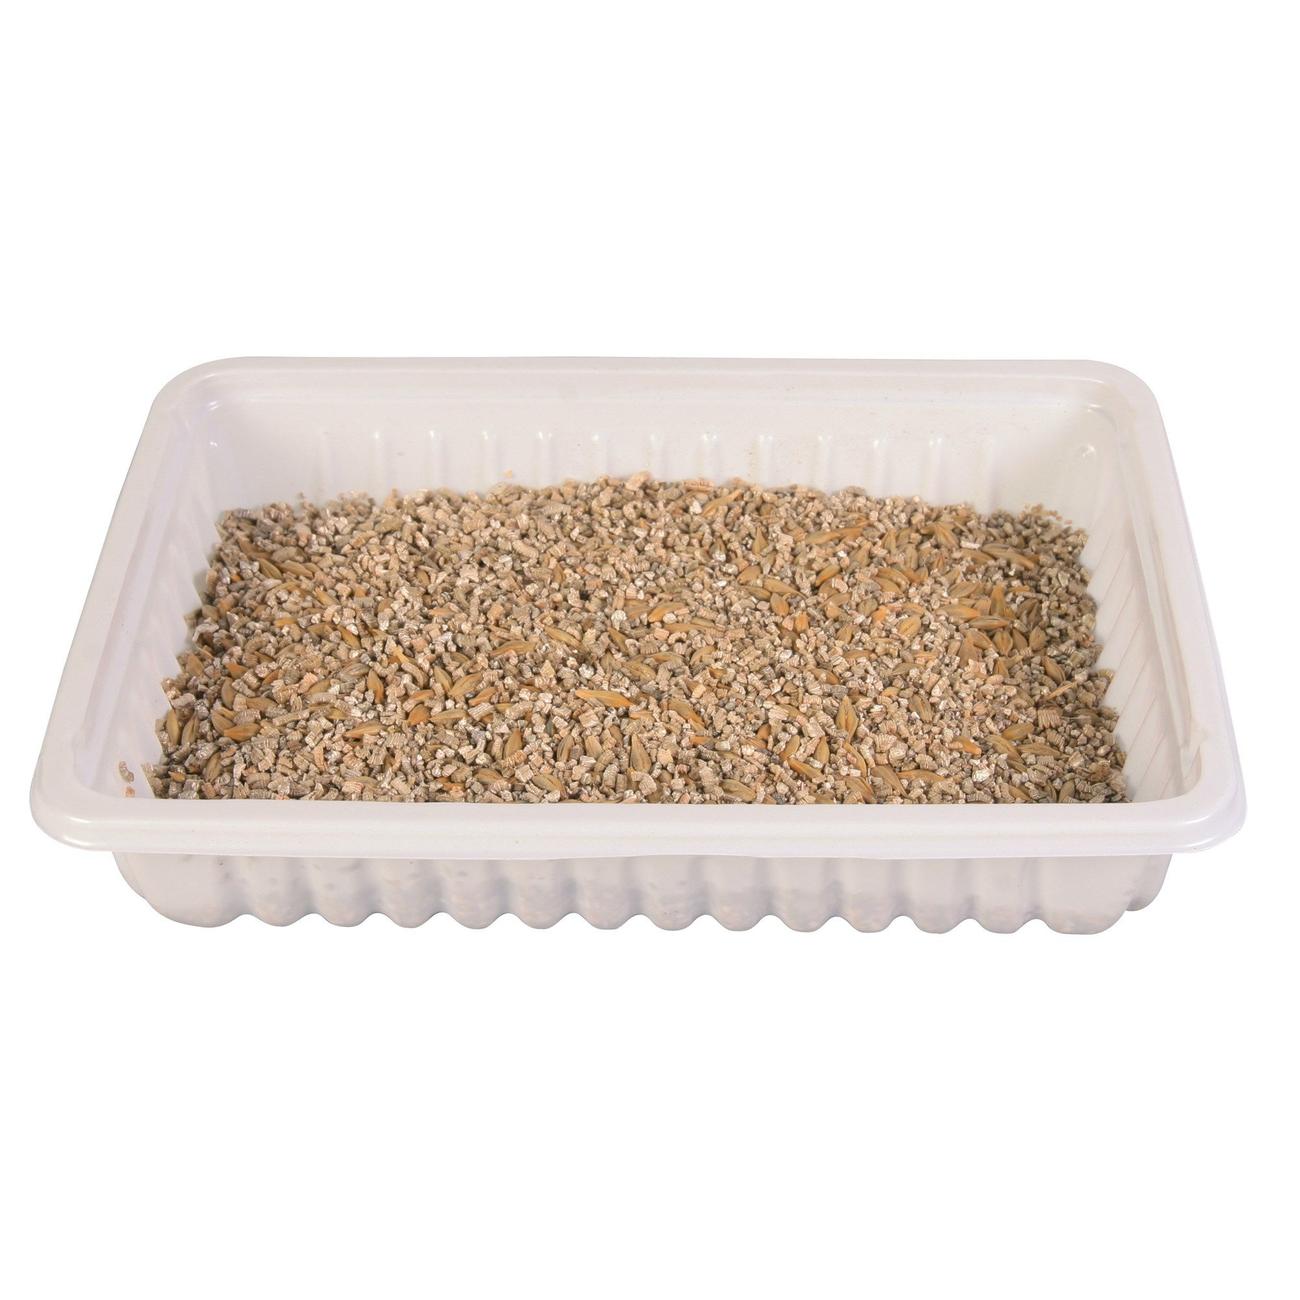 Trixie Katzengras Soft gras selber ziehen 4233, Bild 3